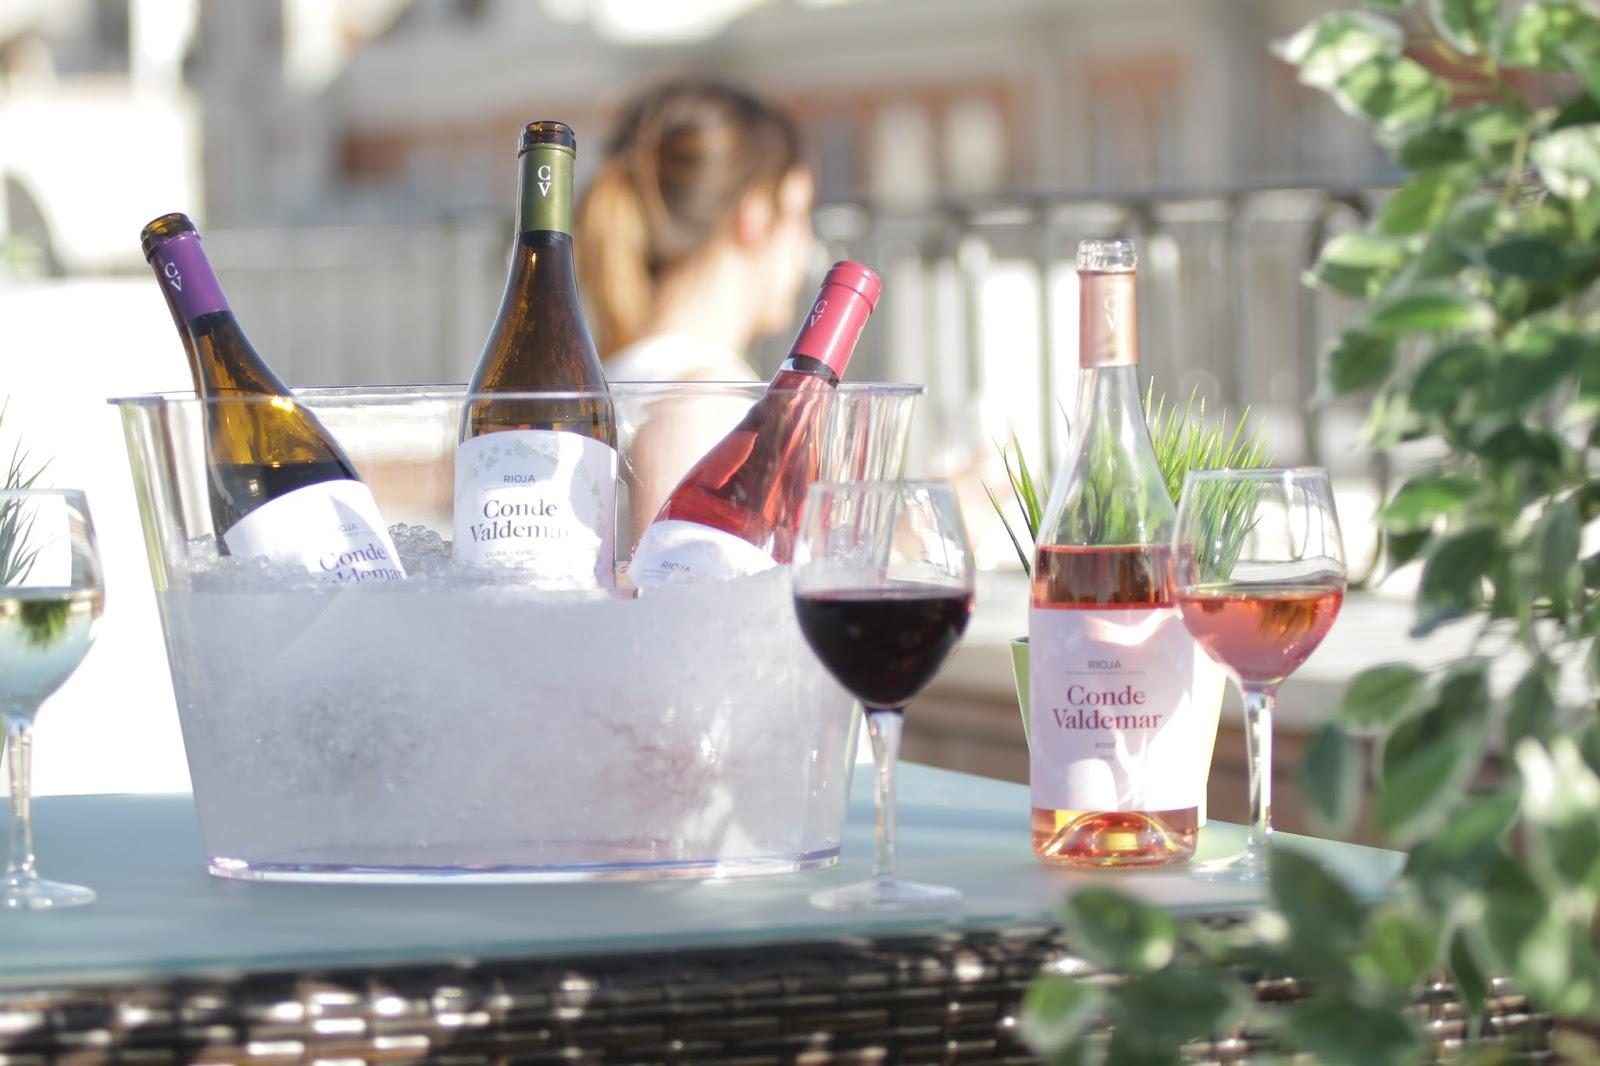 Marida tus planes de verano con los vinos jóvenes de Conde Valdemar